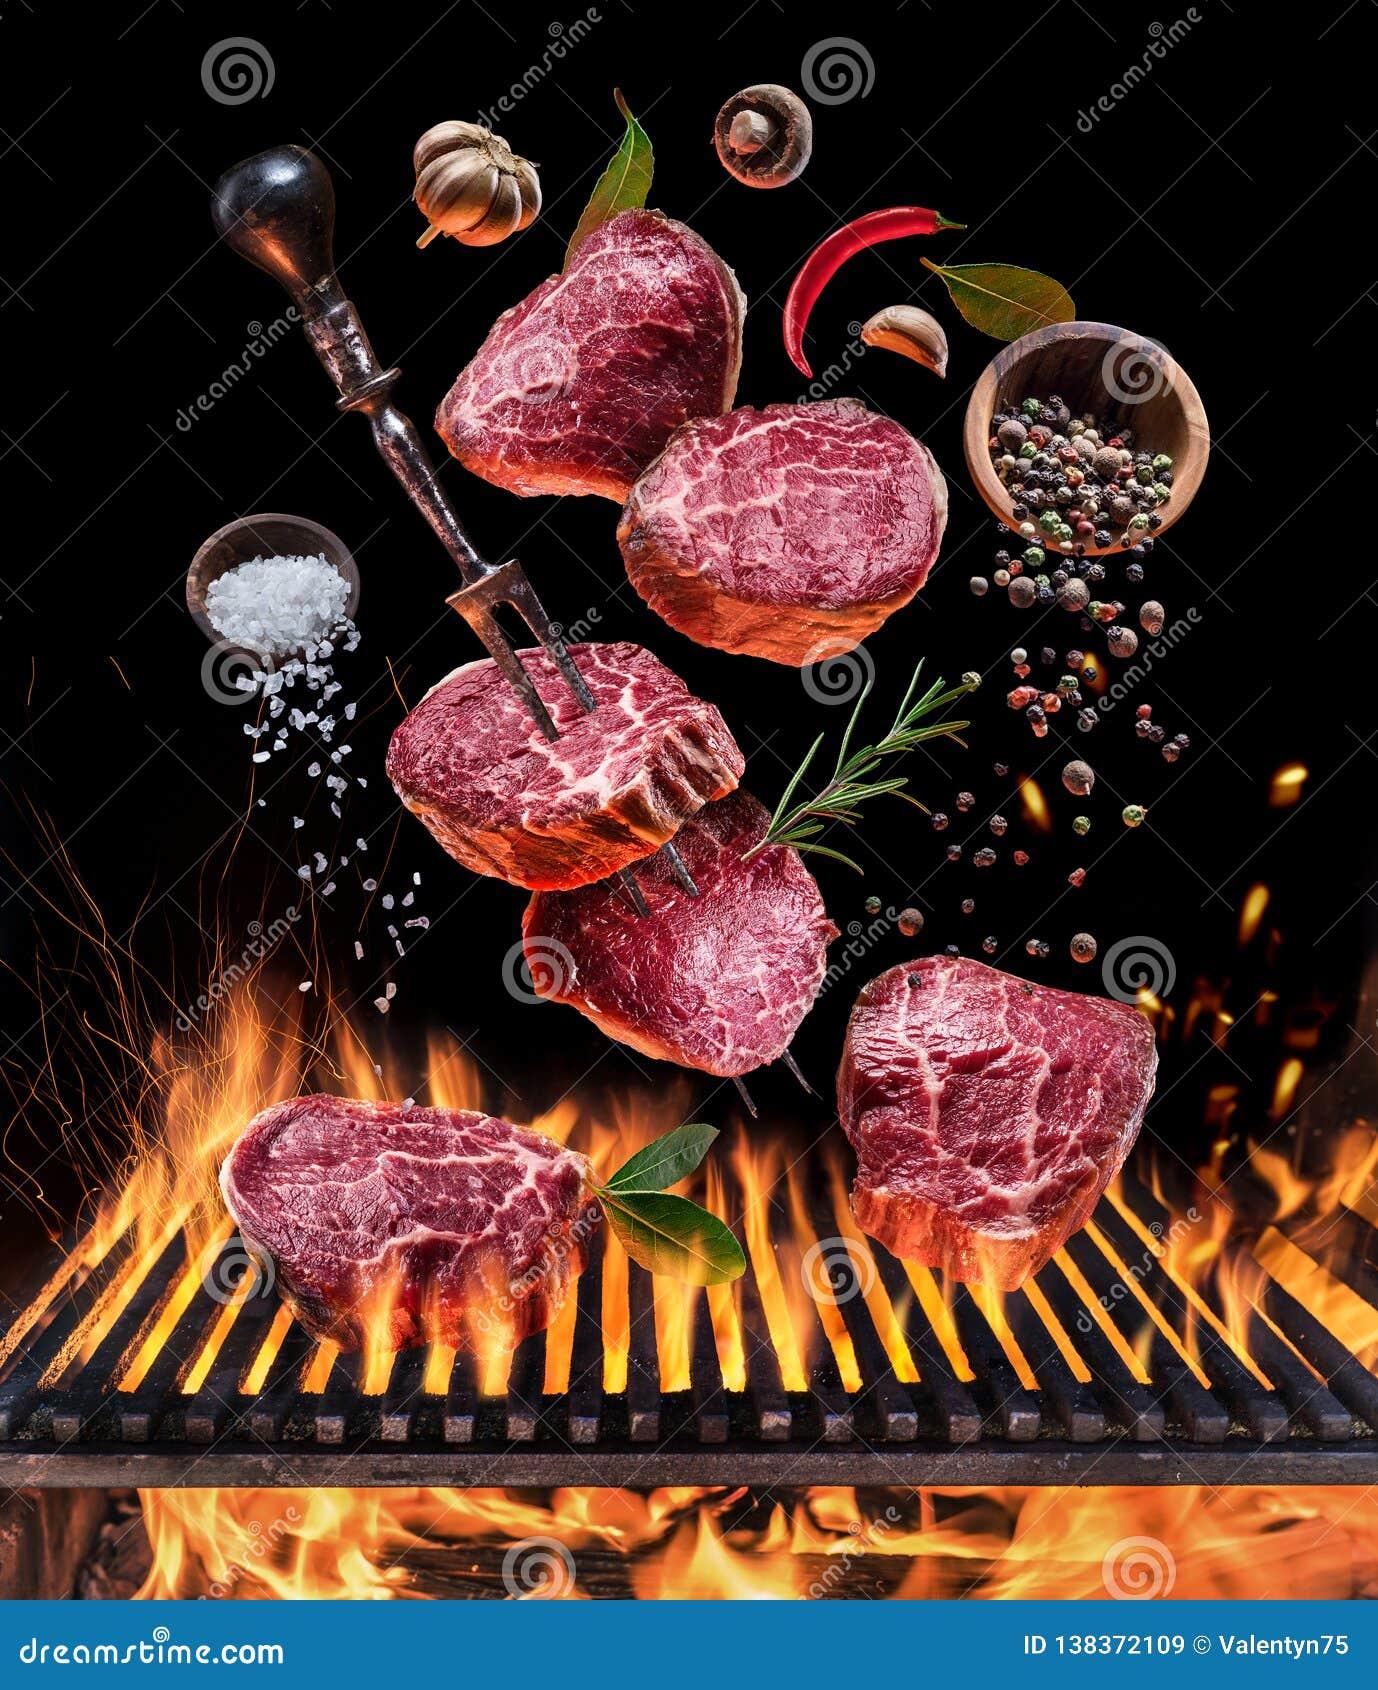 牛排烹调 概念性占领夫妇藏品光照片次幂表示 牛排用香料和利器在燃烧的格栅花格下